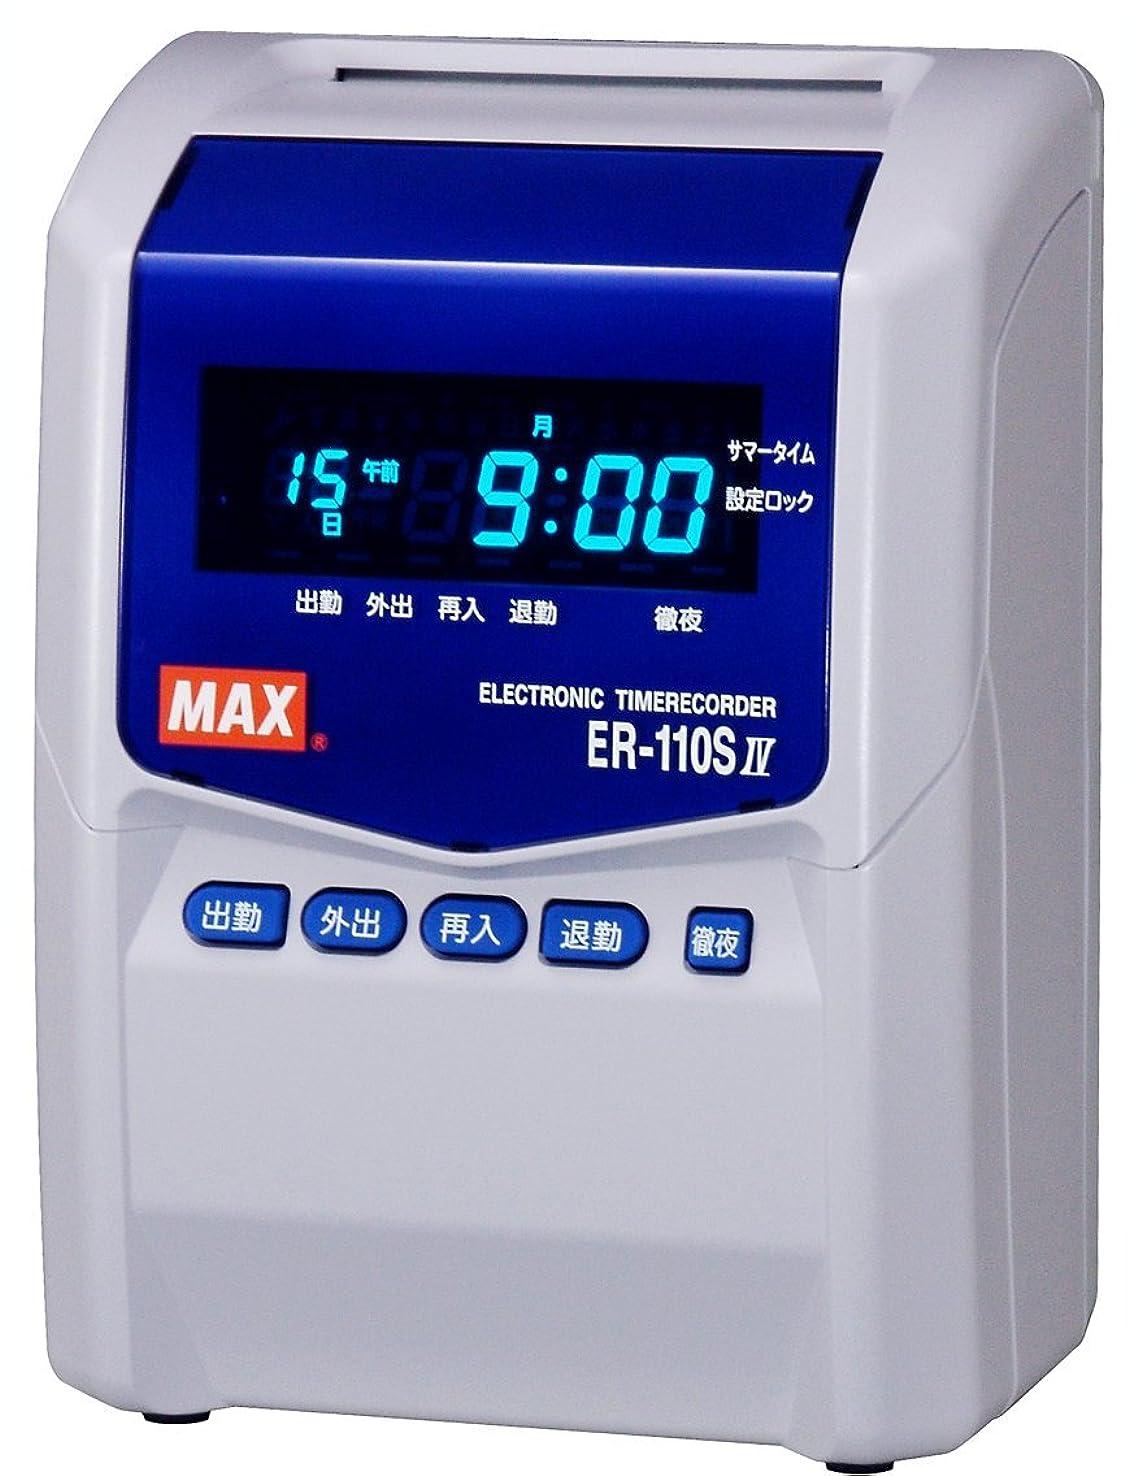 要塞中ですすり泣きマックス タイムレコーダ ER-110SIV ホワイト ER90151